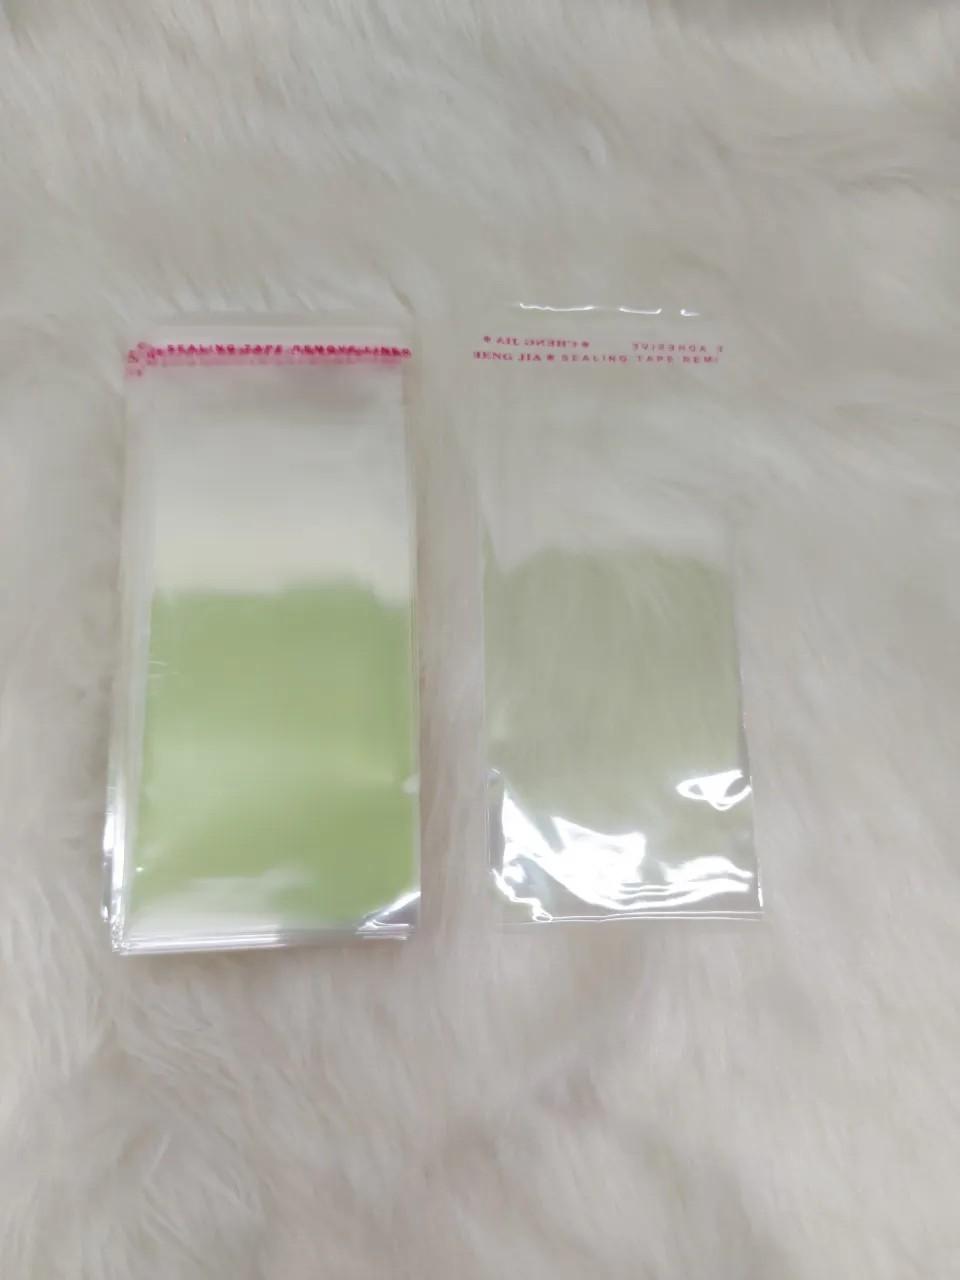 Saquinhos plástico adesivado 6x12 pacote com 1000 unidades